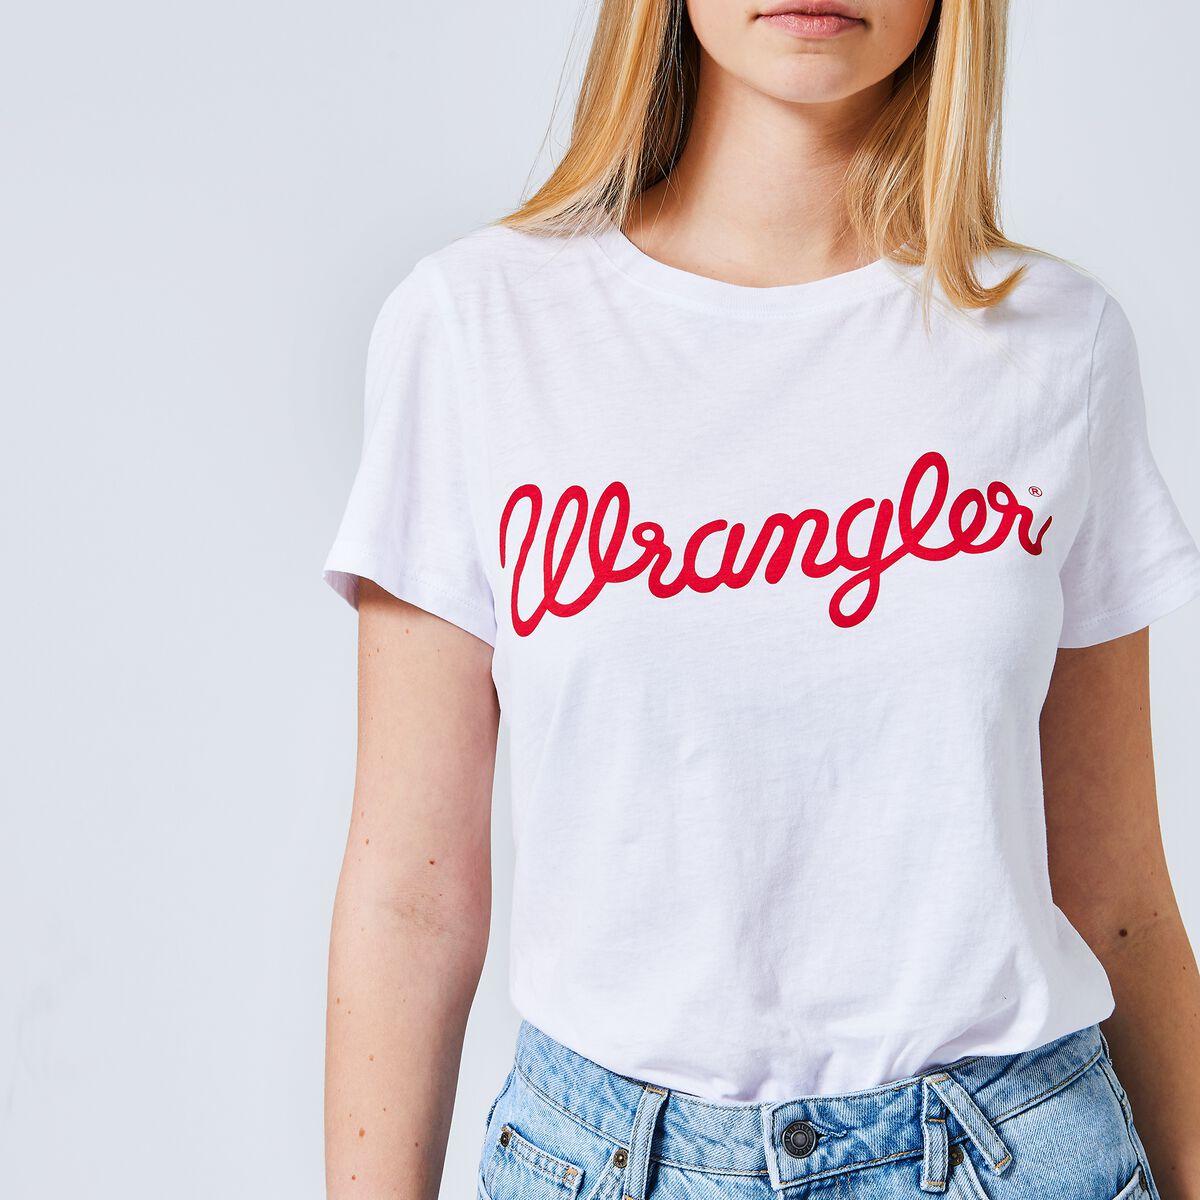 a912fe59f1433 Women T-shirt Wrangler Regular fit Red Buy Online